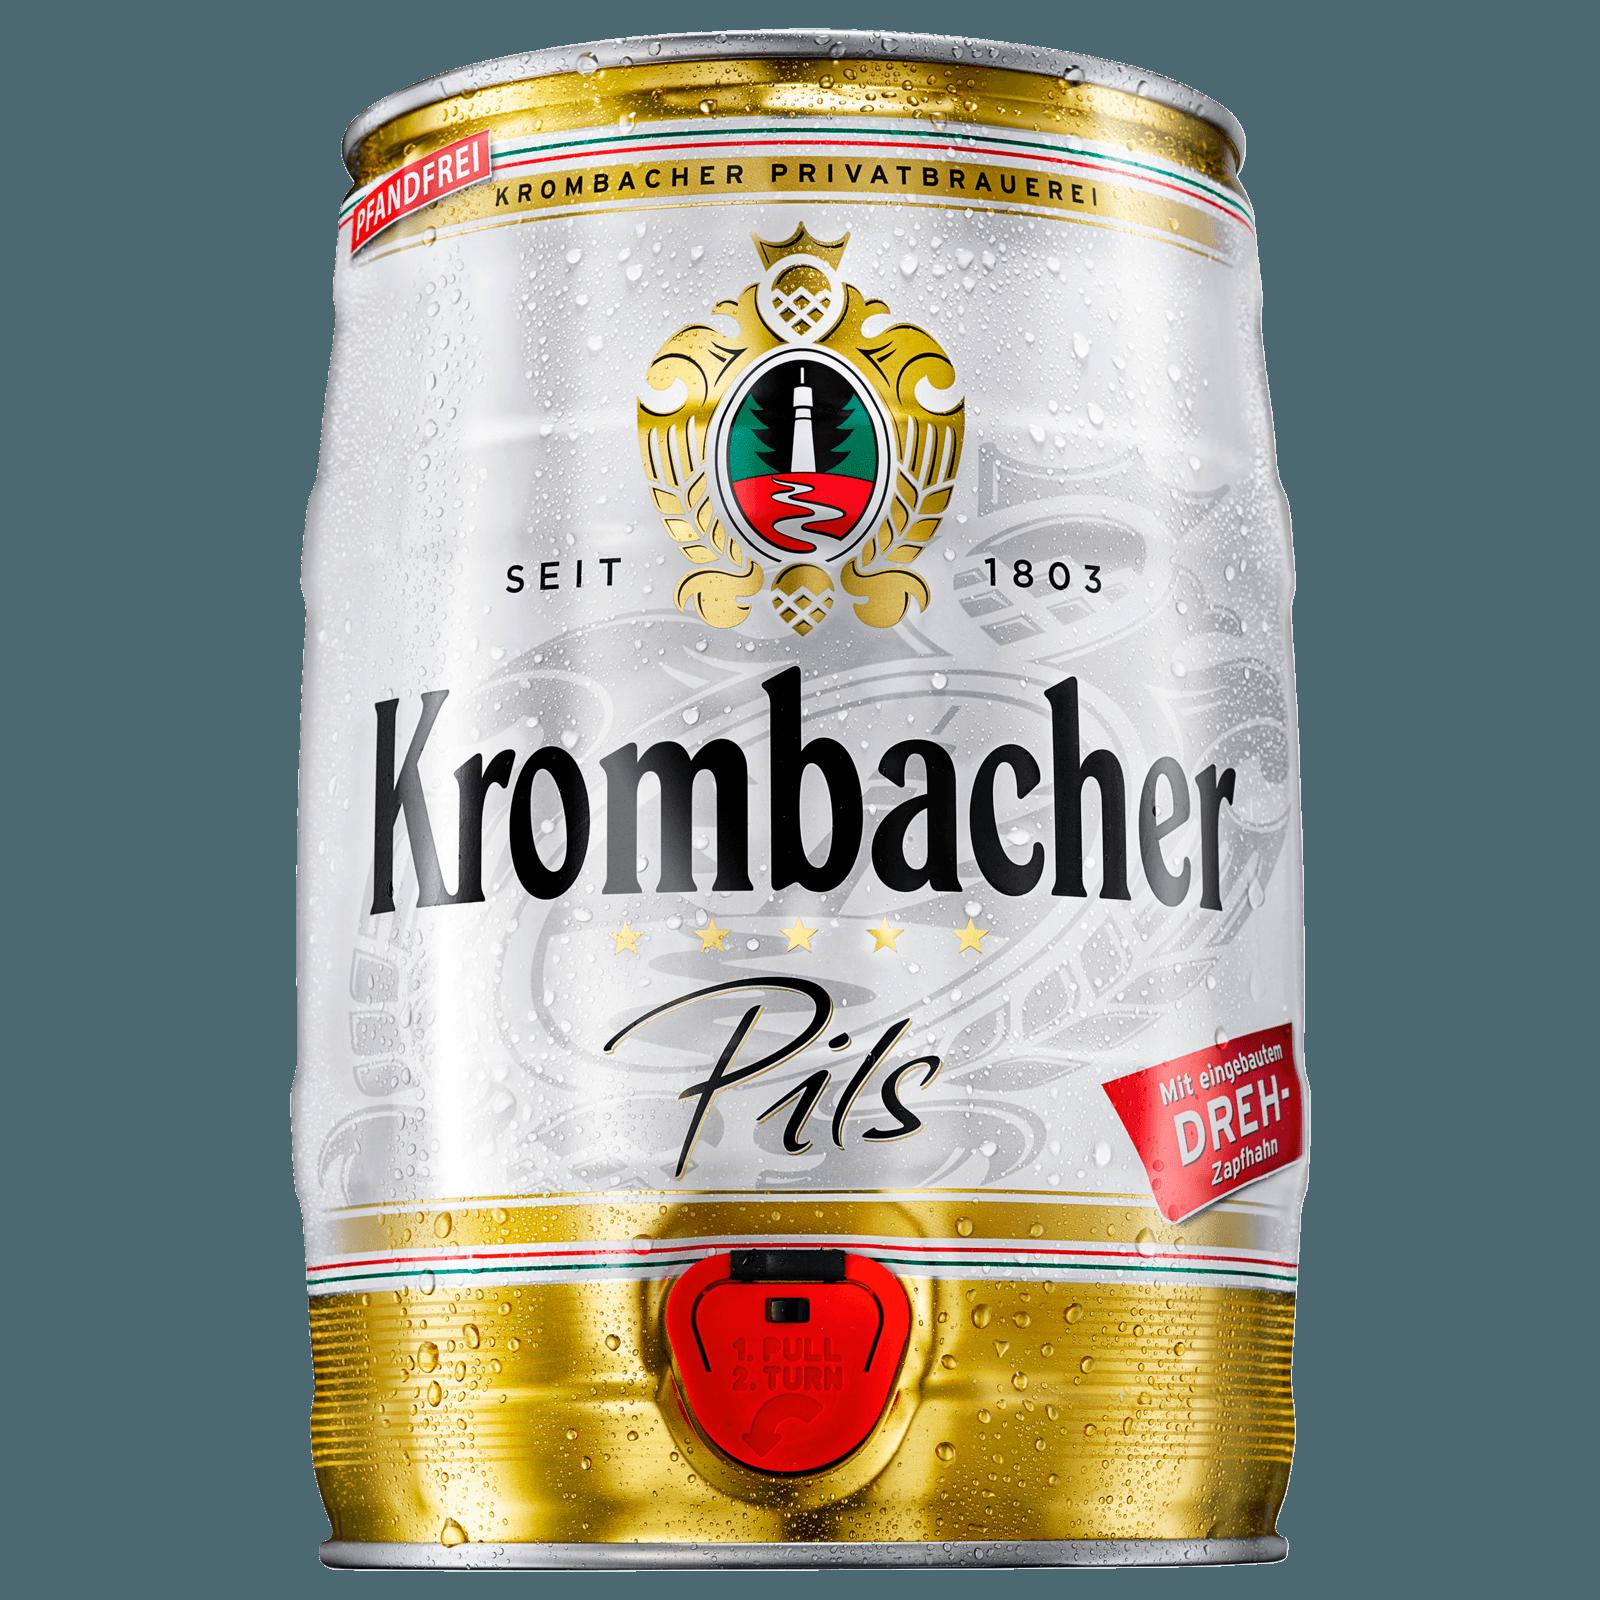 Krombacher Pils Fass 5l bei REWE online bestellen!